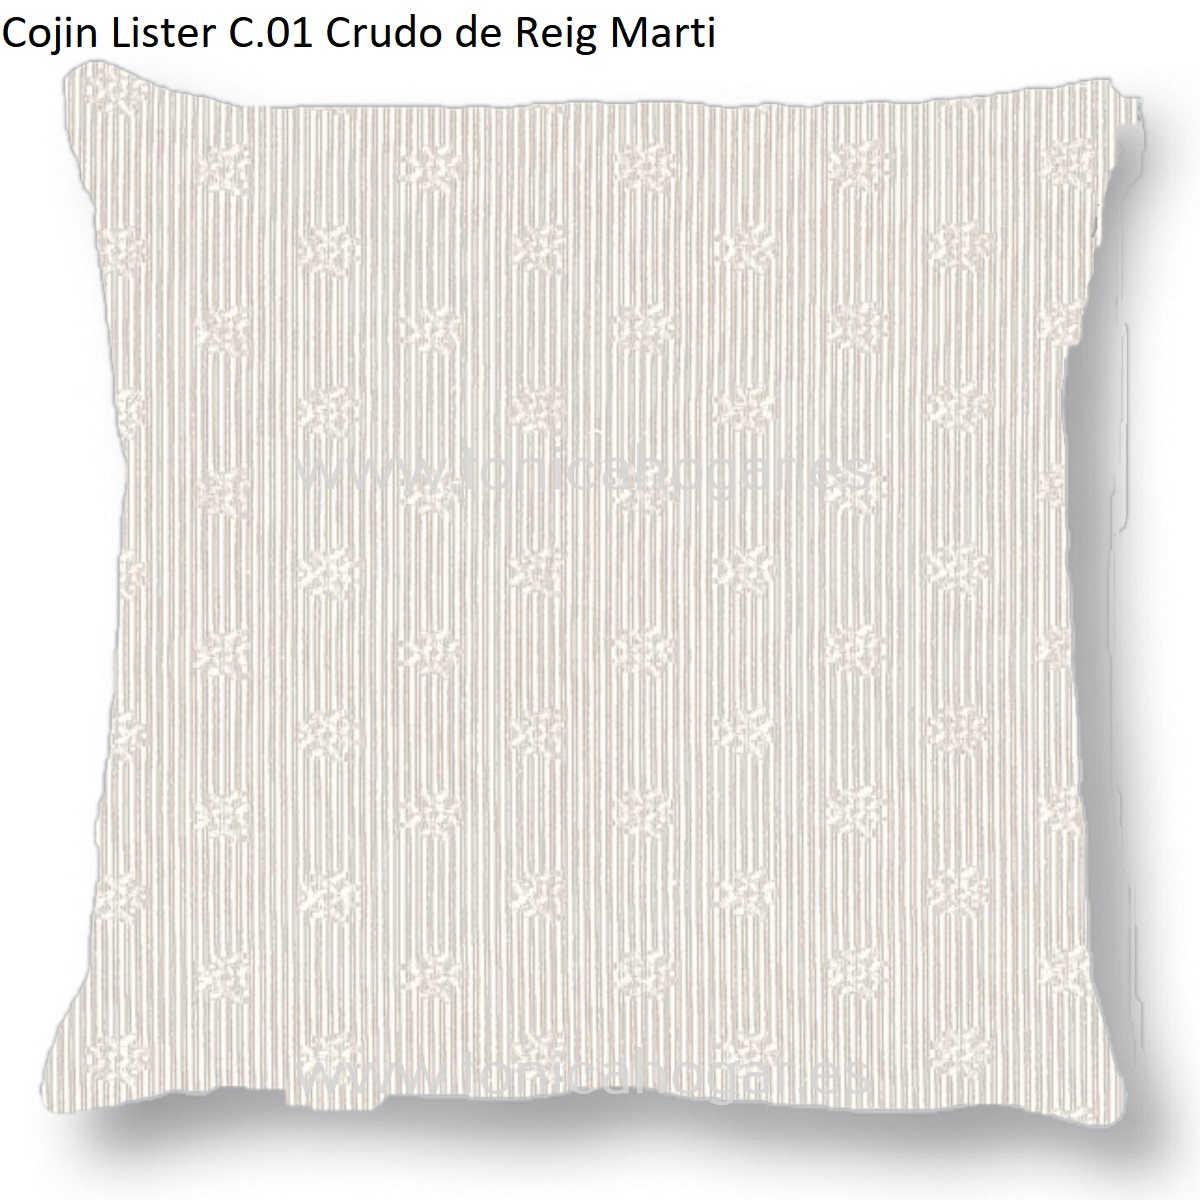 Cojín LISTER CT de Reig Marti Crudo Cojín 55x55